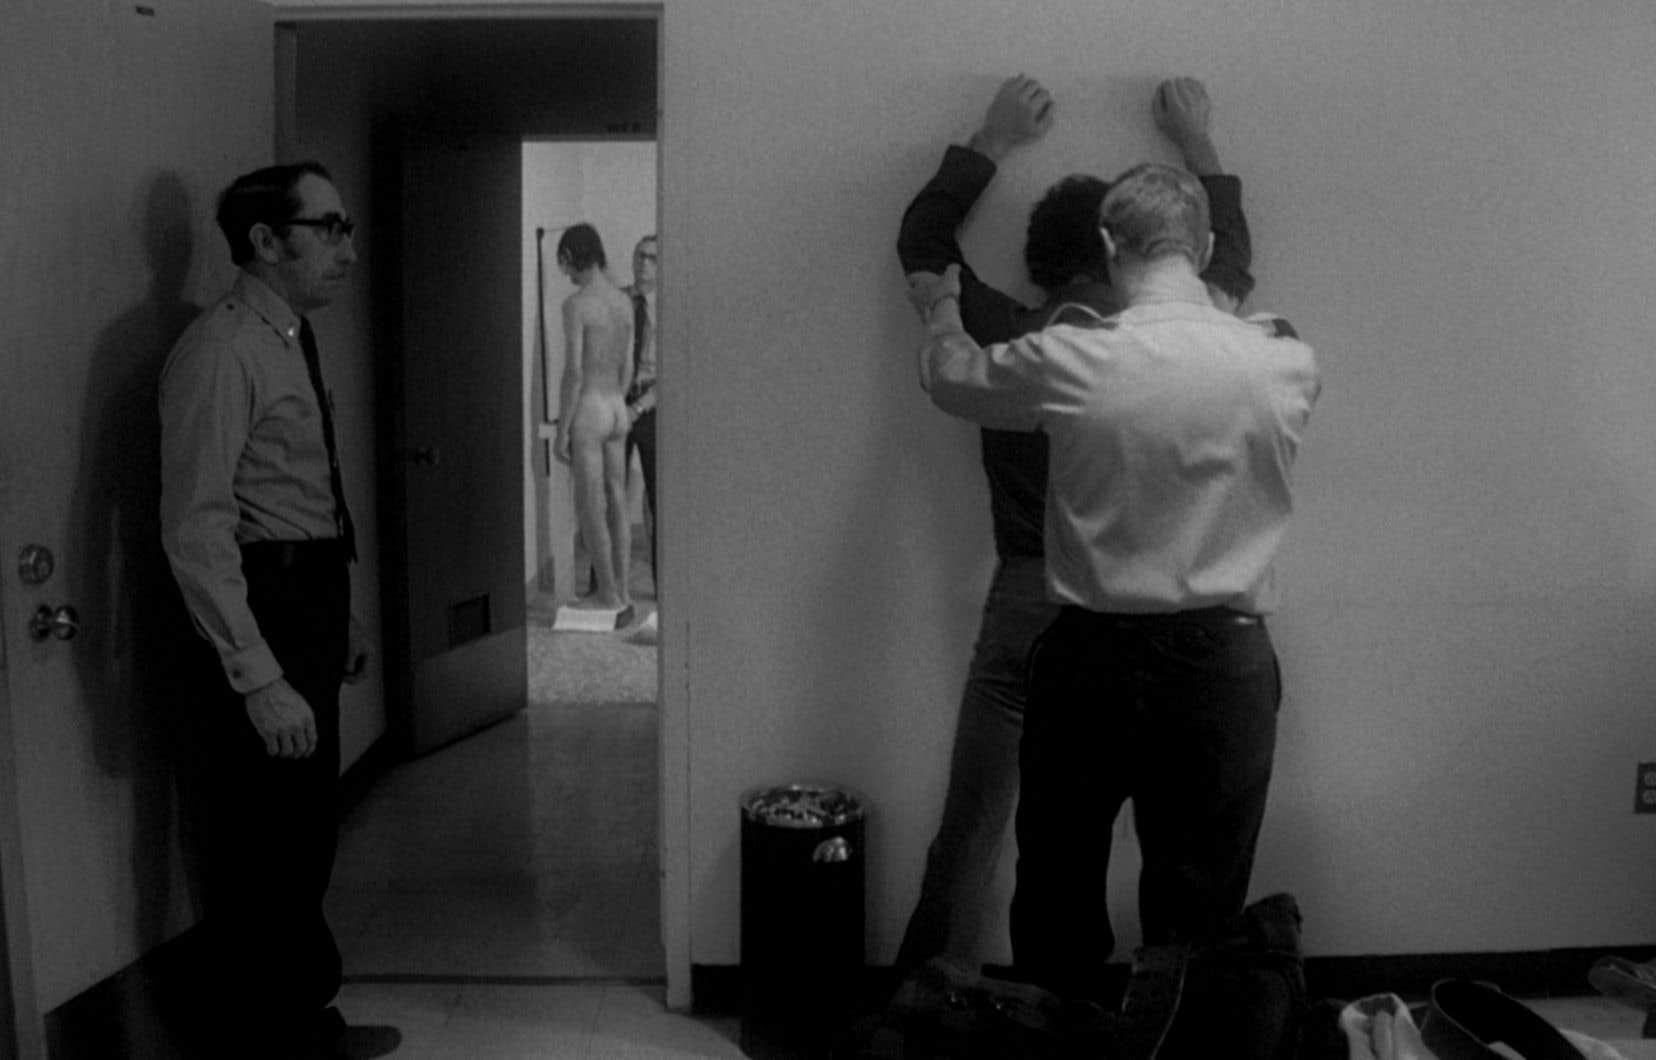 Monique Simard et Christian Nadeau soulignent à grands traits l'apport essentiel d'un incontournable du cinéma québécois, «Les ordres» (1974), de Michel Brault, dans notre compréhension de la crise d'Octobre.